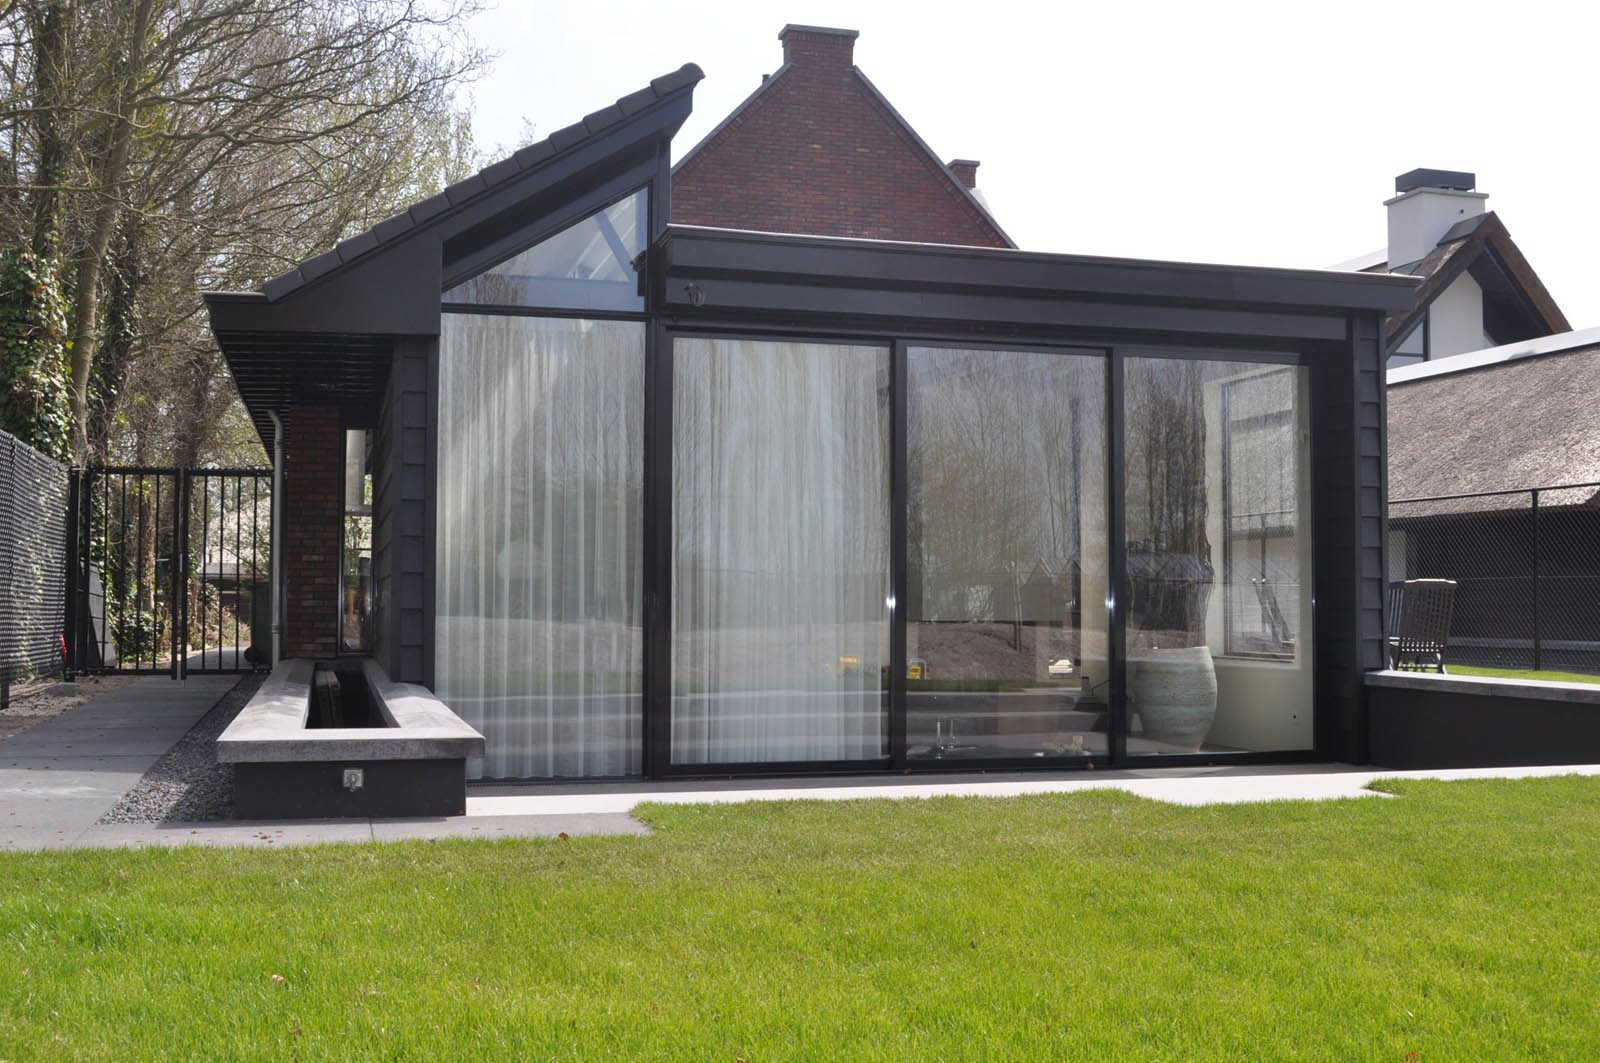 Windows, Villa heiloo by Jeroen de Nijs